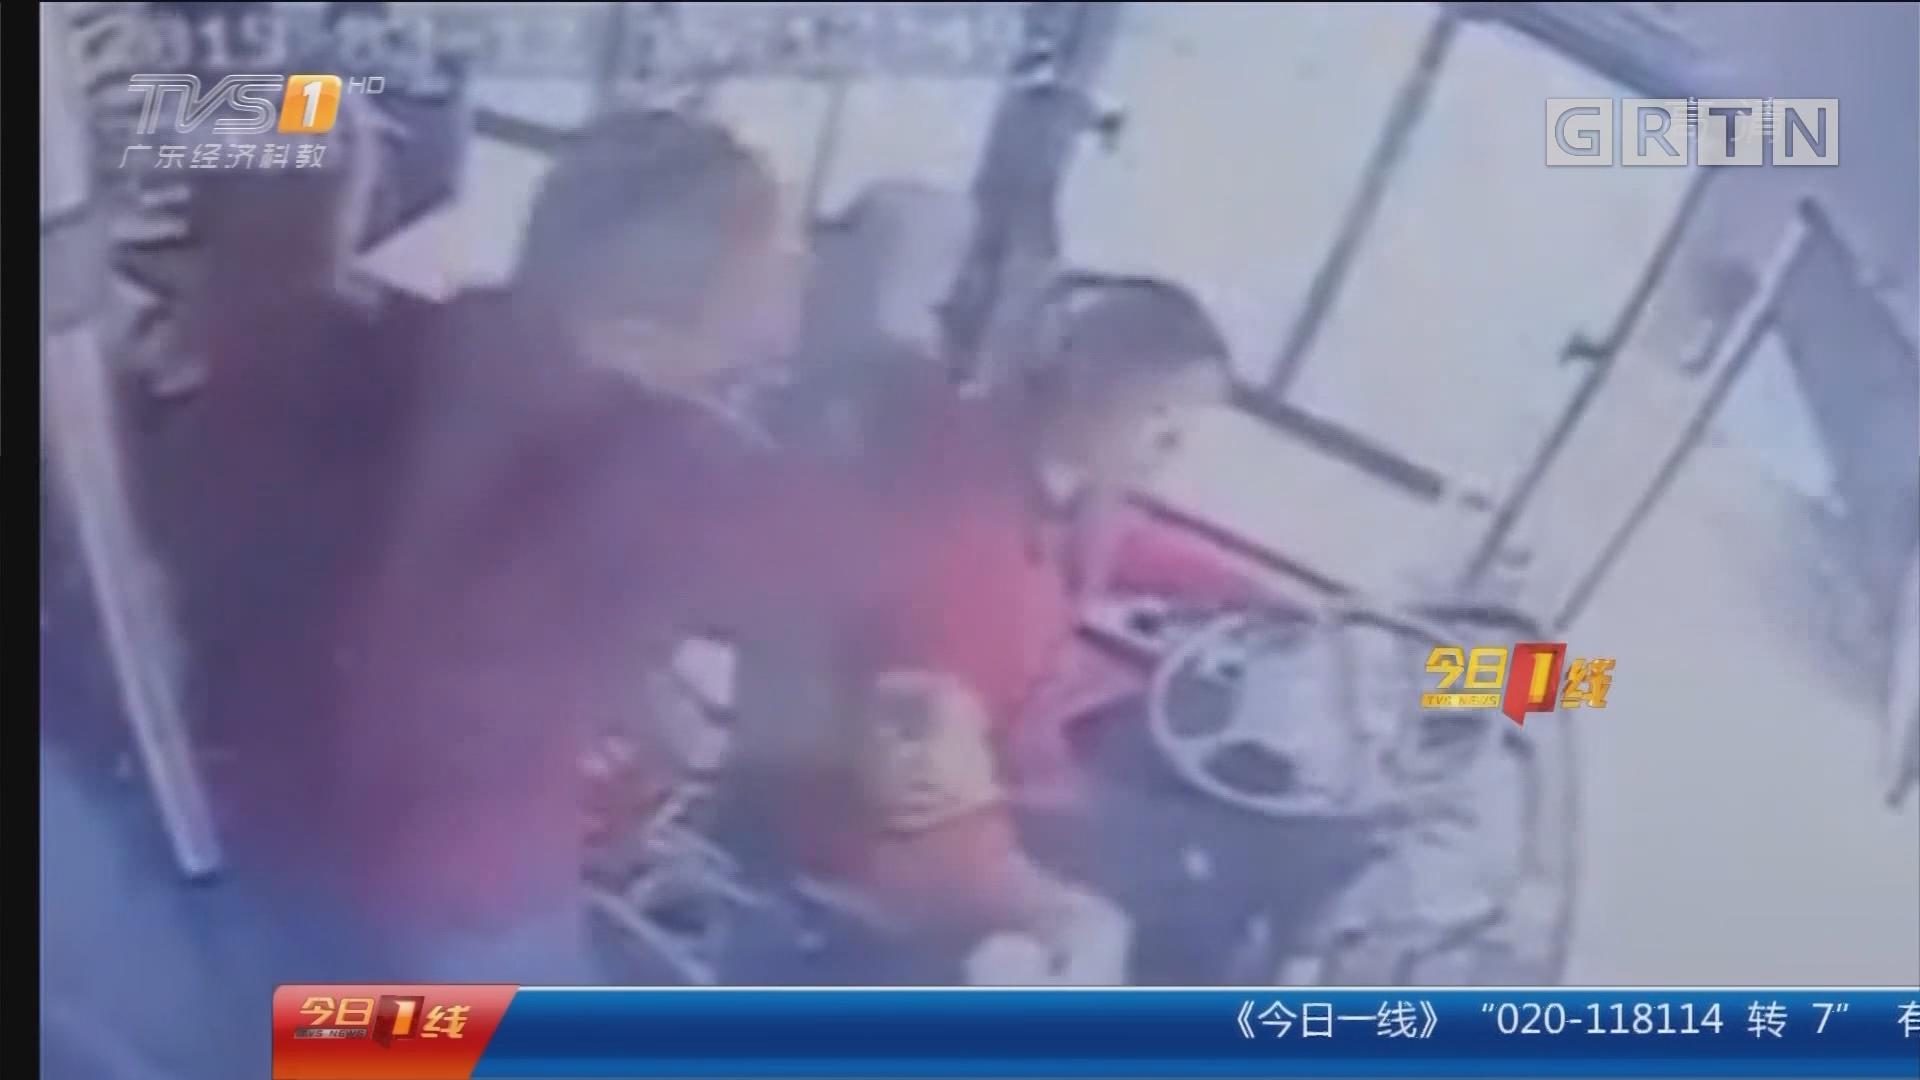 佛山南海:暴躁大叔拳打公交女司机 行拘十日!